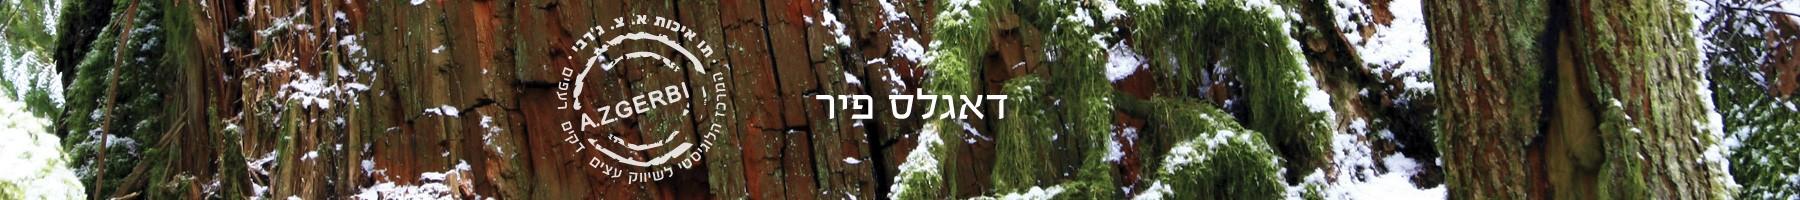 עץ דאגלס פיר